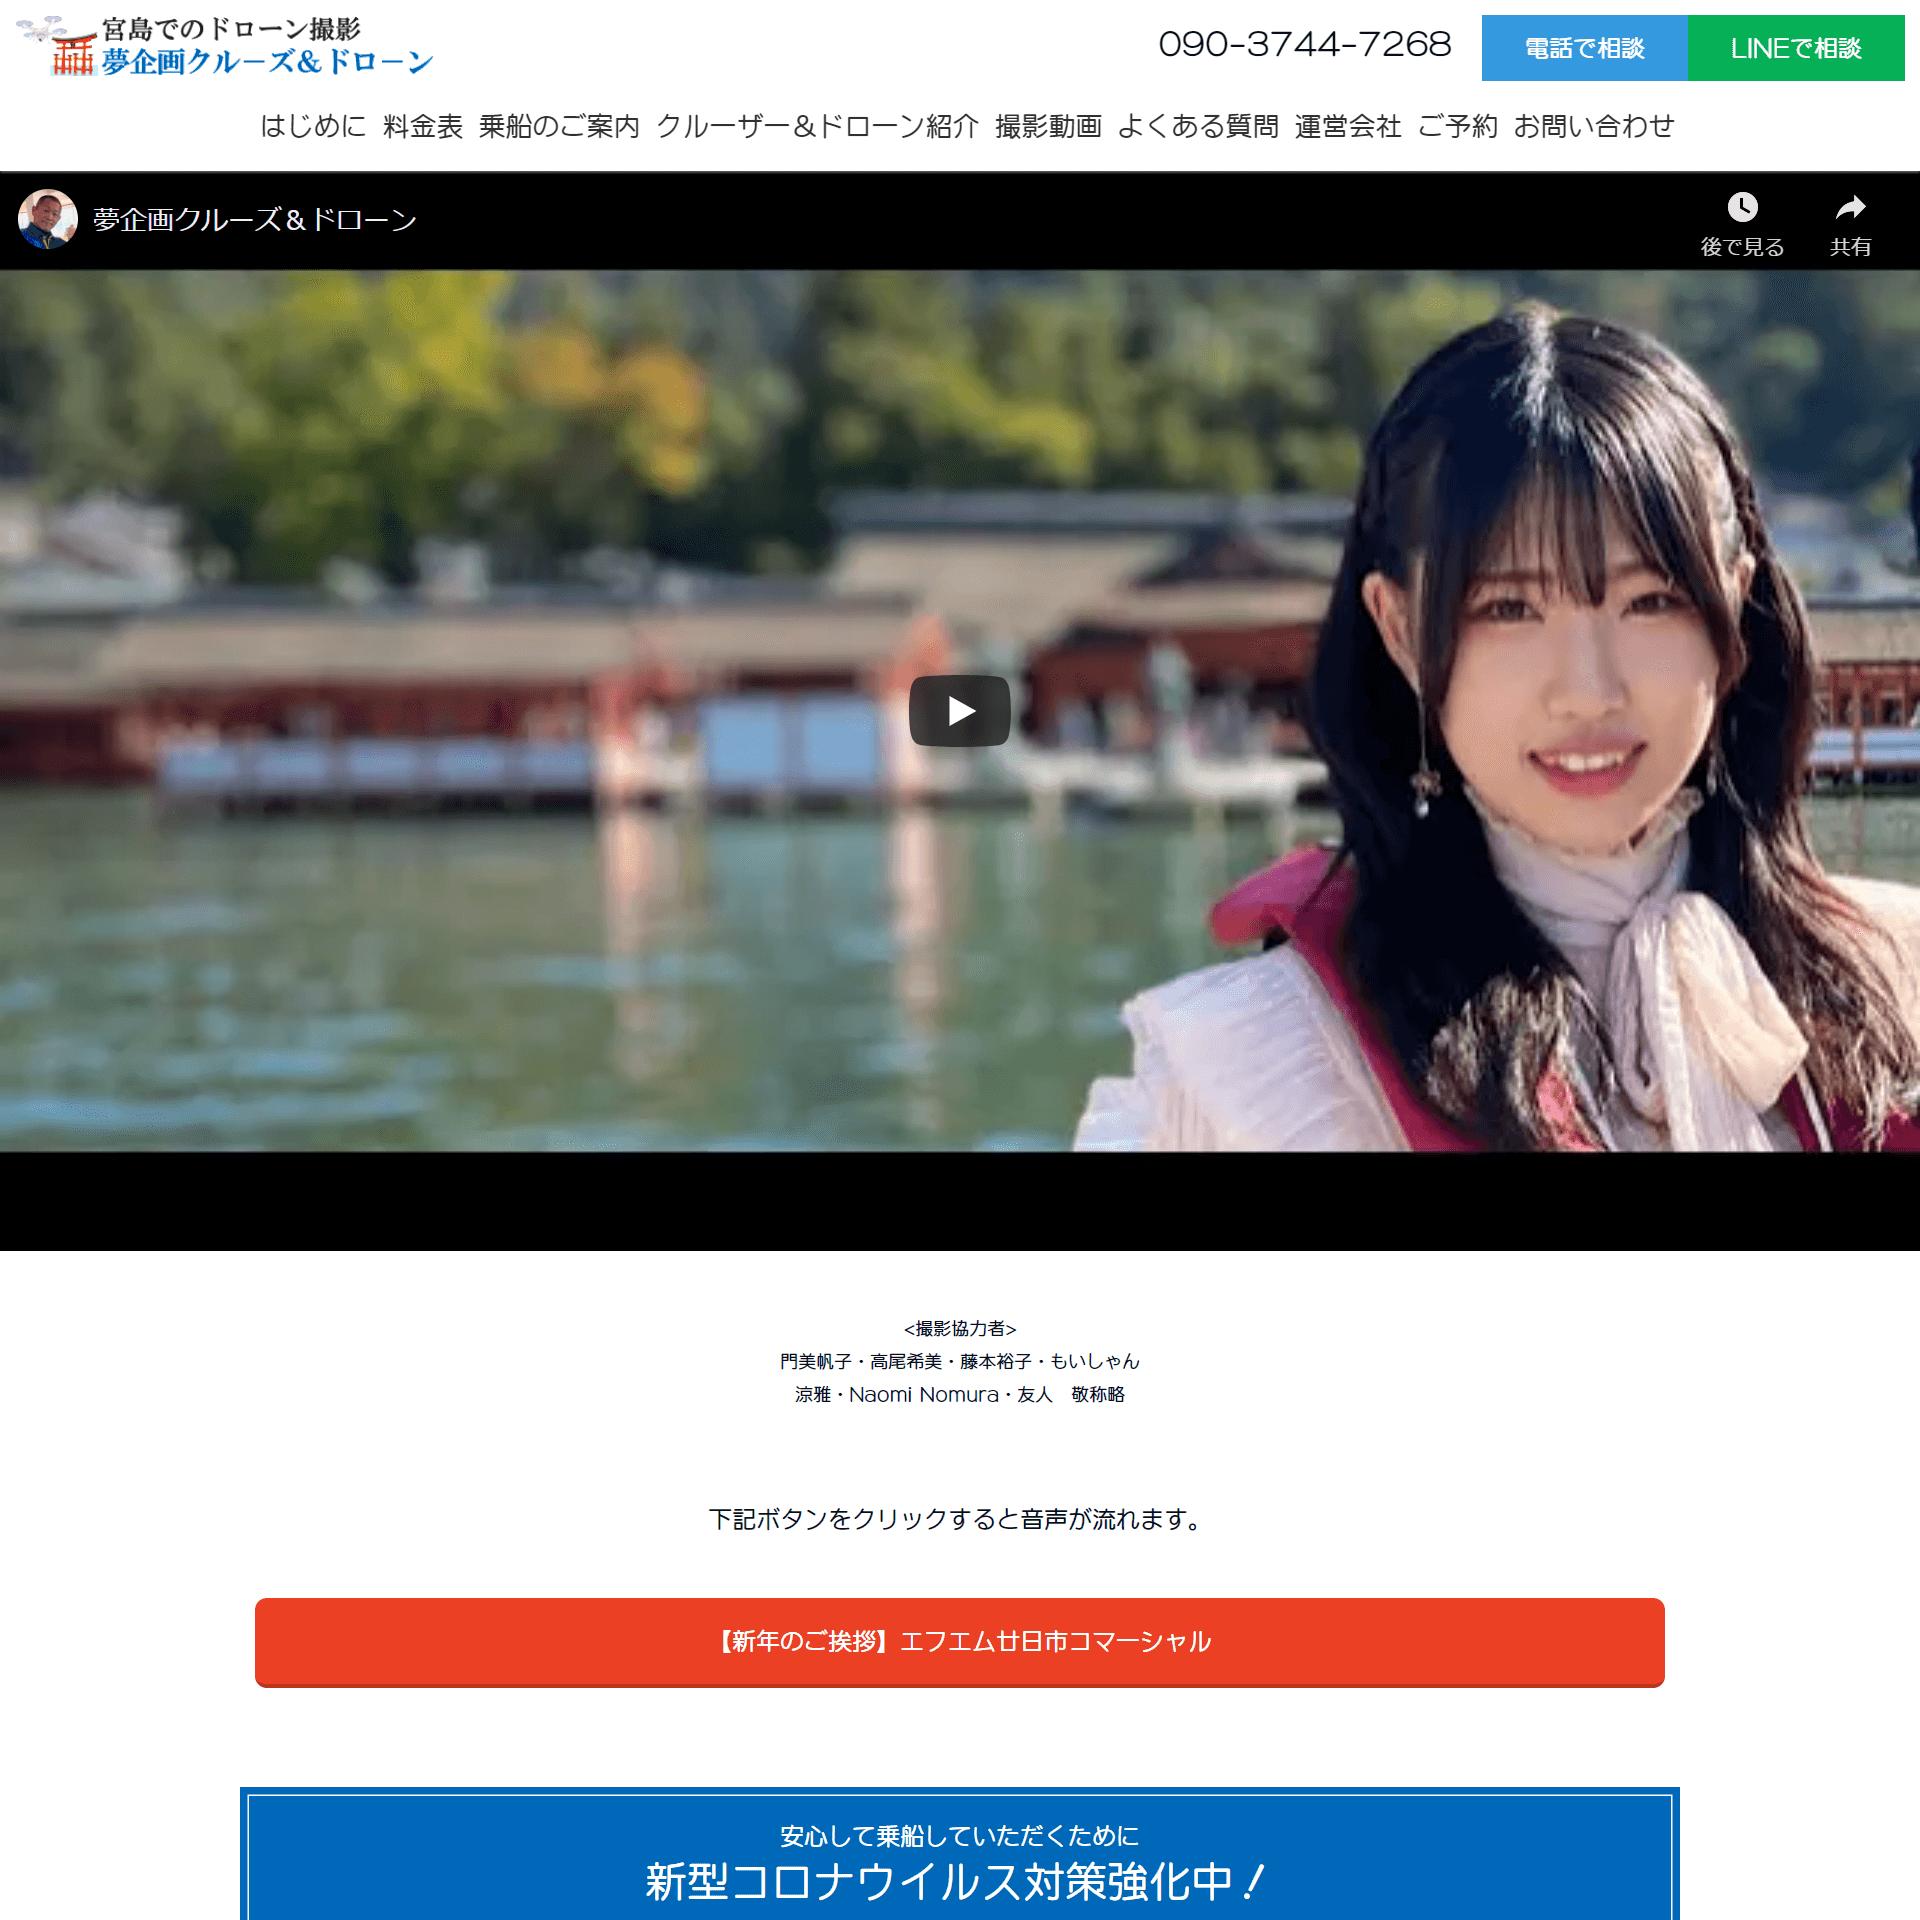 広島 宮島 夢企画クル-ズ&ドロ-ン撮影